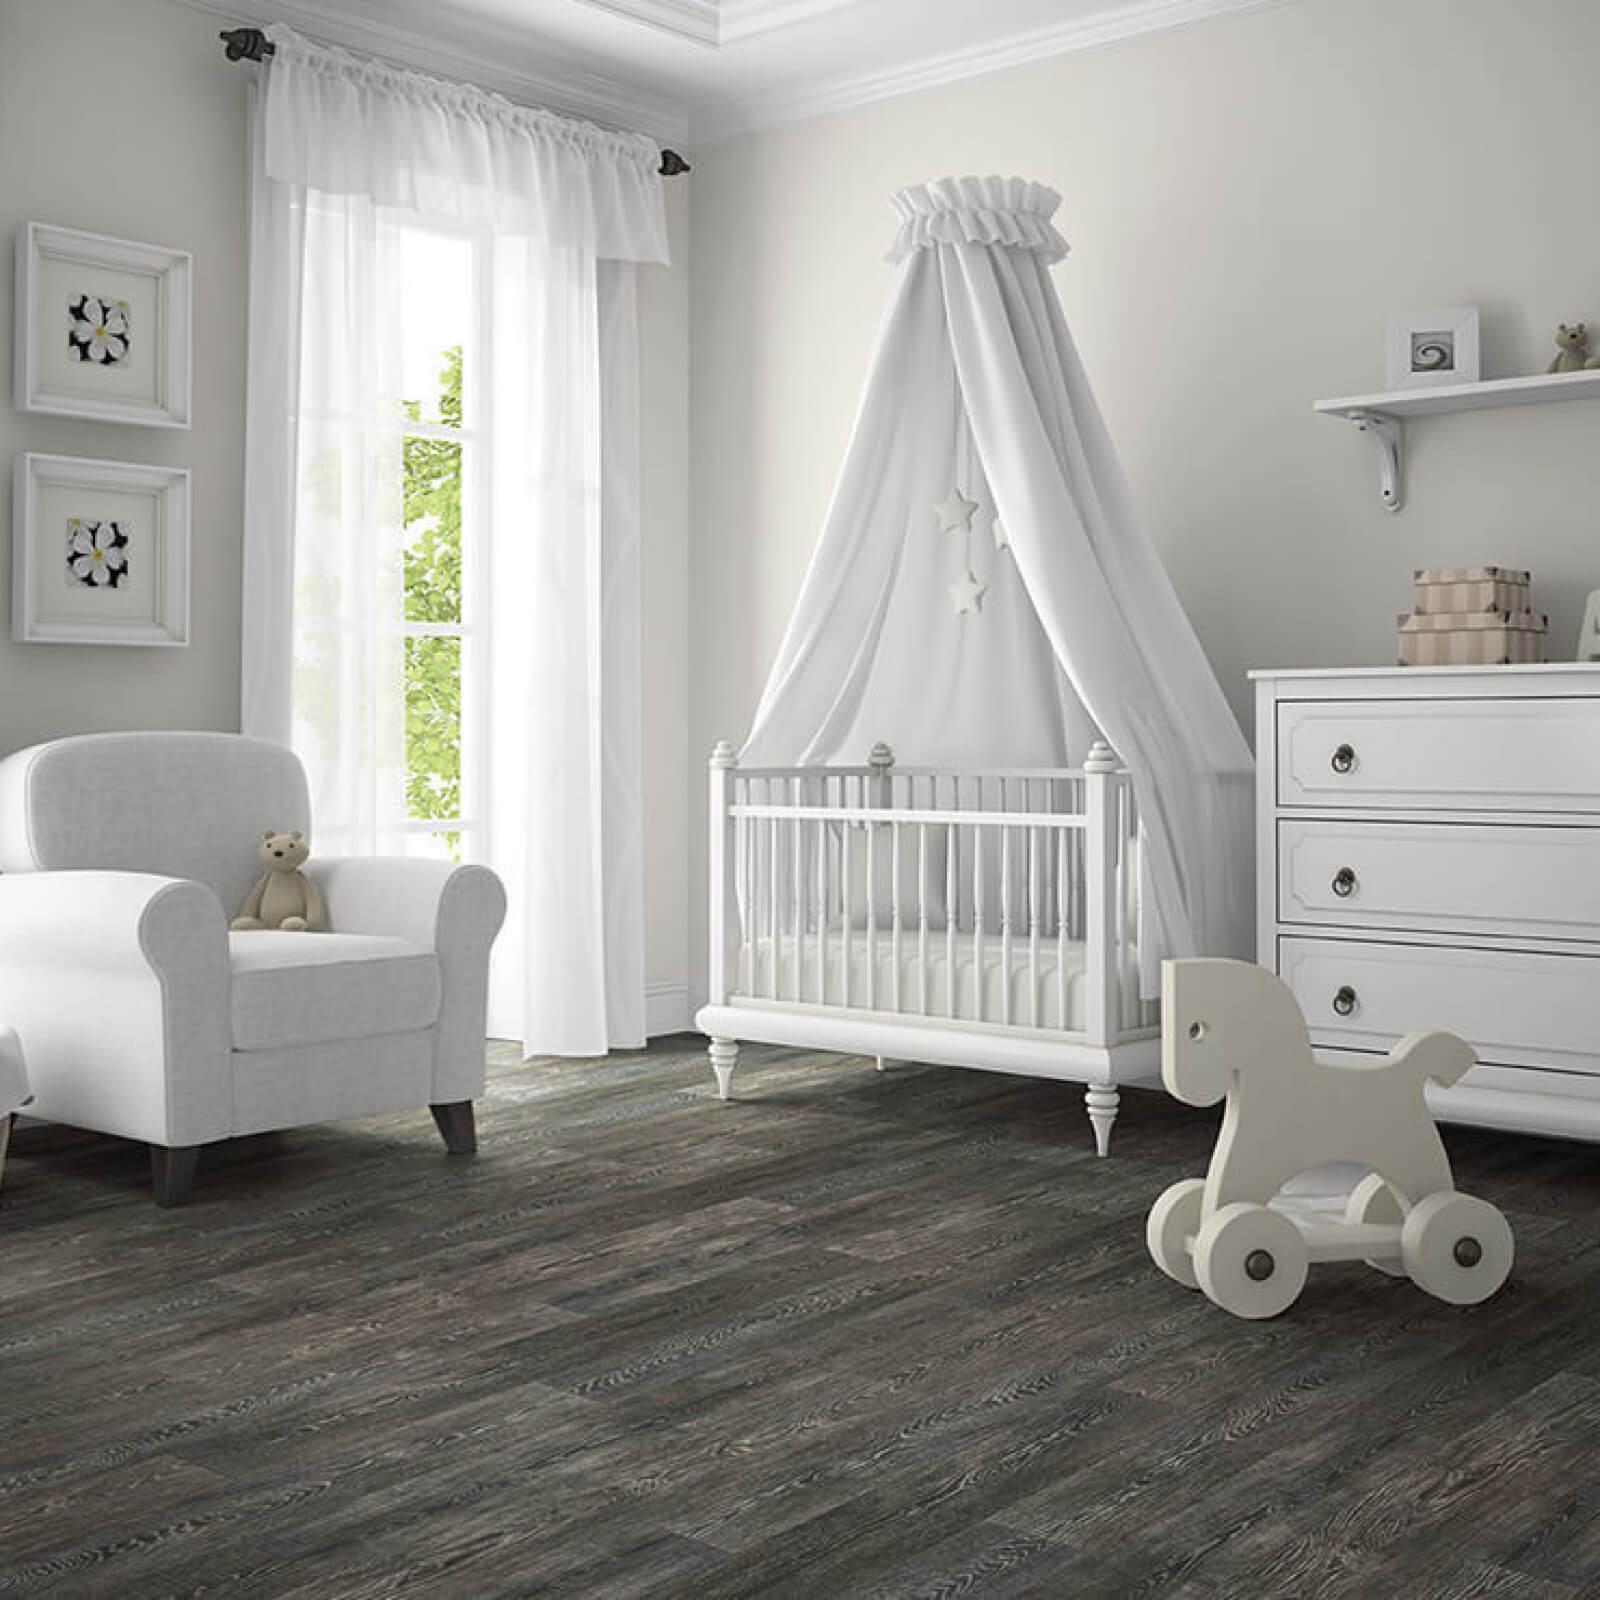 Baby room flooring | Great Floors